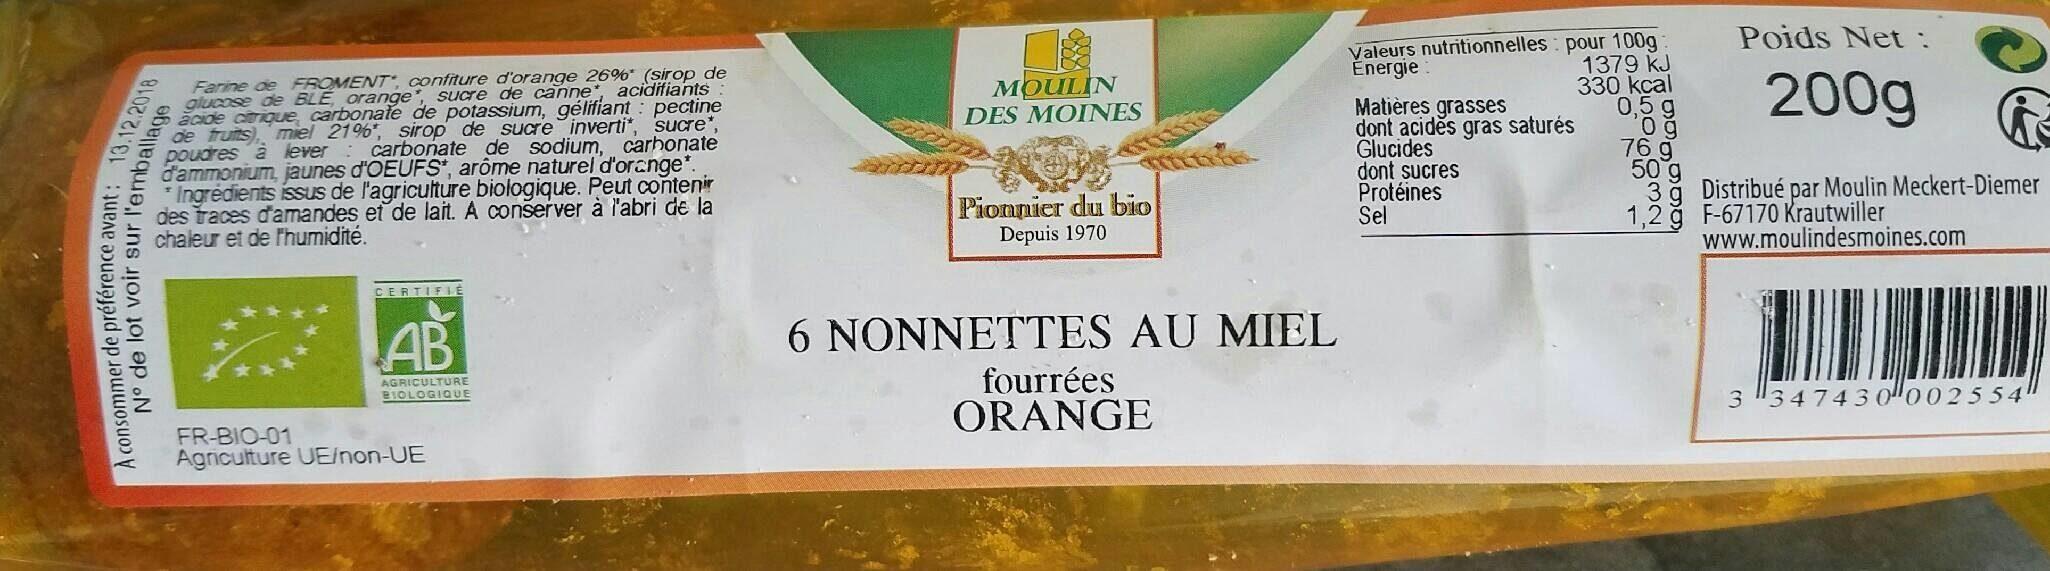 6 nonnettes aux miel fourrées ORANGE - Product